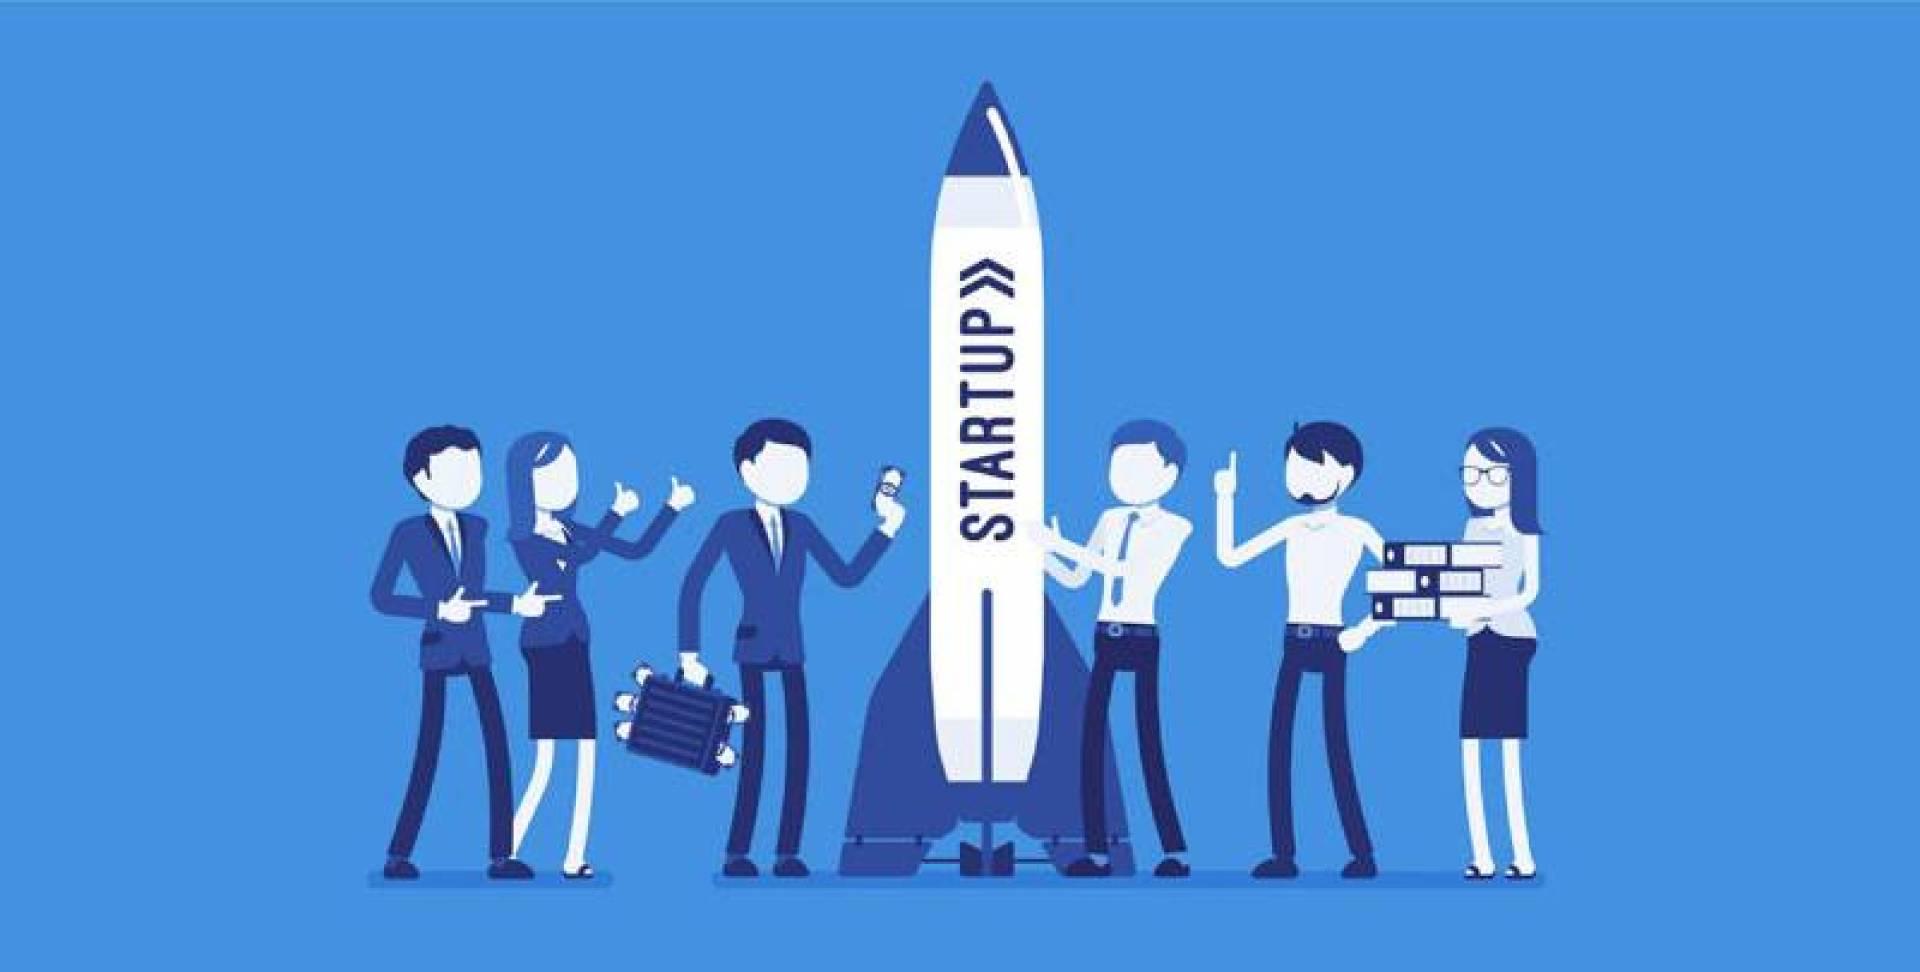 الكويت ضمن أفضل 100 وجهة للشركات الناشئة